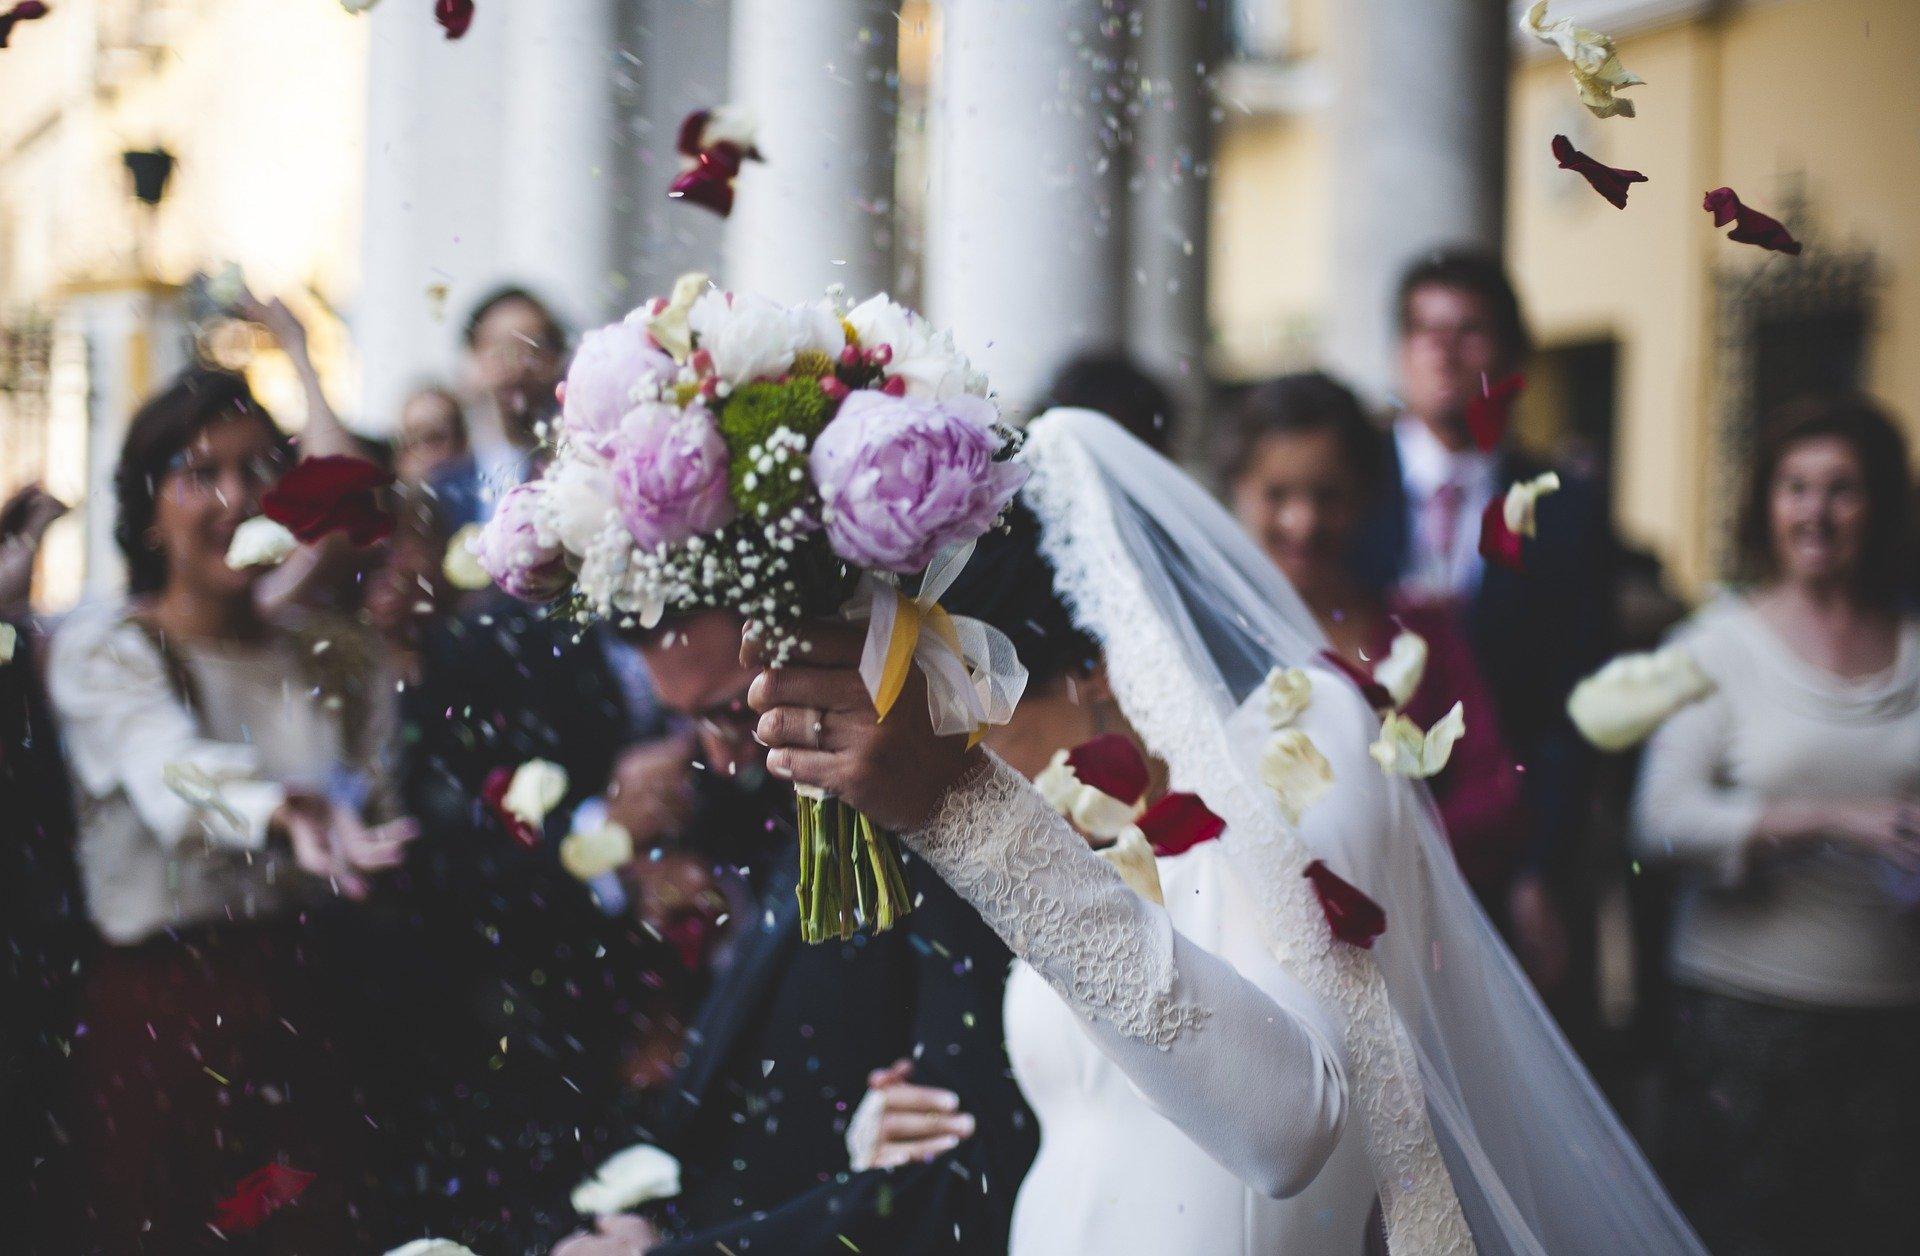 comment bien organiser son mariage à Dijon ? En faisant appel à une organisatrice de mariage